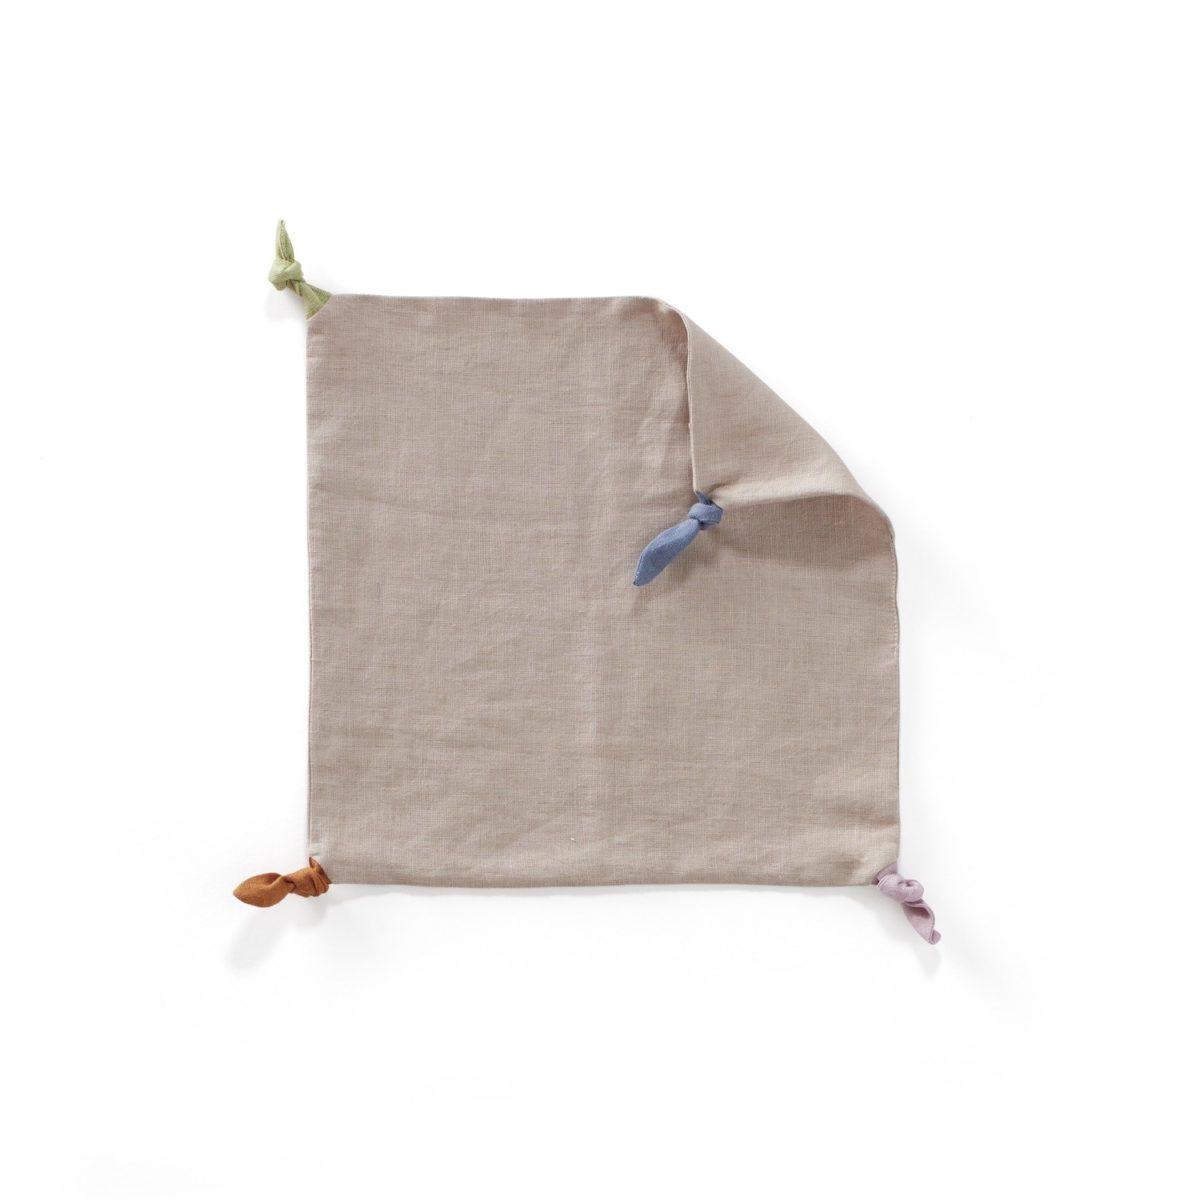 Kuscheltuch mit Knoten 35x35 cm natur